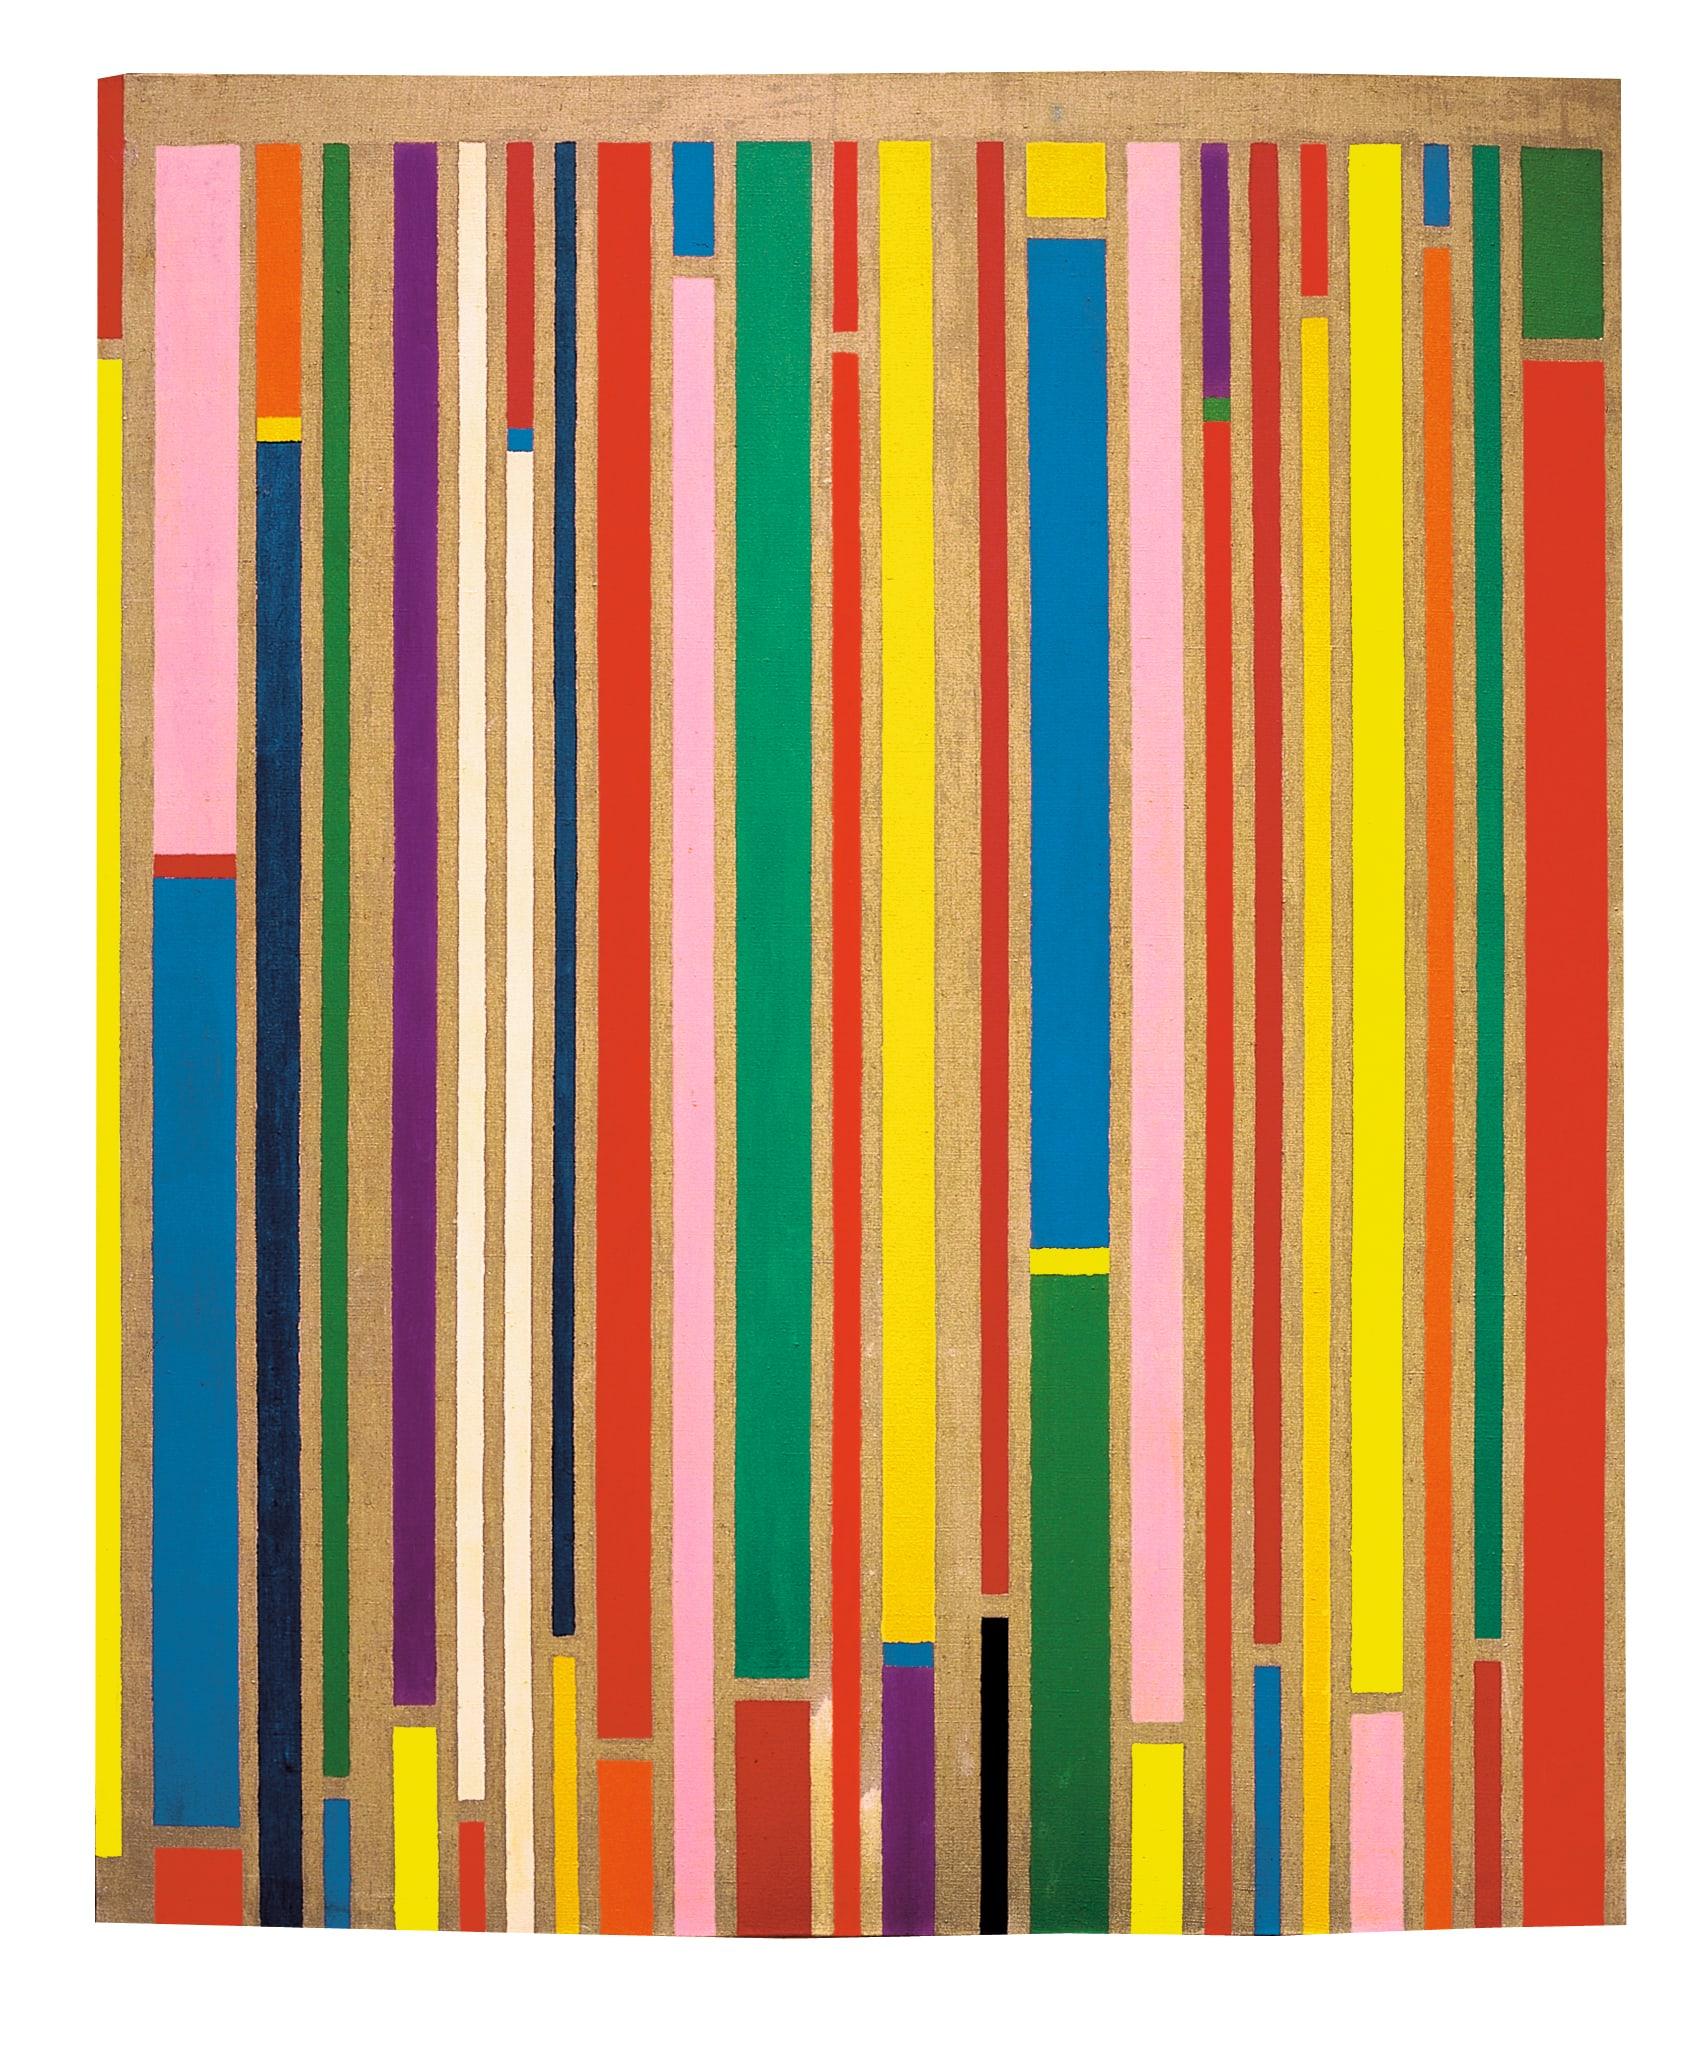 """<span class=""""link fancybox-details-link""""><a href=""""/artists/45-piero-dorazio/works/12-piero-dorazio-linear-1968/"""">View Detail Page</a></span><div class=""""artist""""><strong>Piero Dorazio</strong></div> <div class=""""title""""><em>Linear</em>, 1968</div> <div class=""""medium"""">olio su tela</div> <div class=""""dimensions"""">cm 150 x 125</div>"""